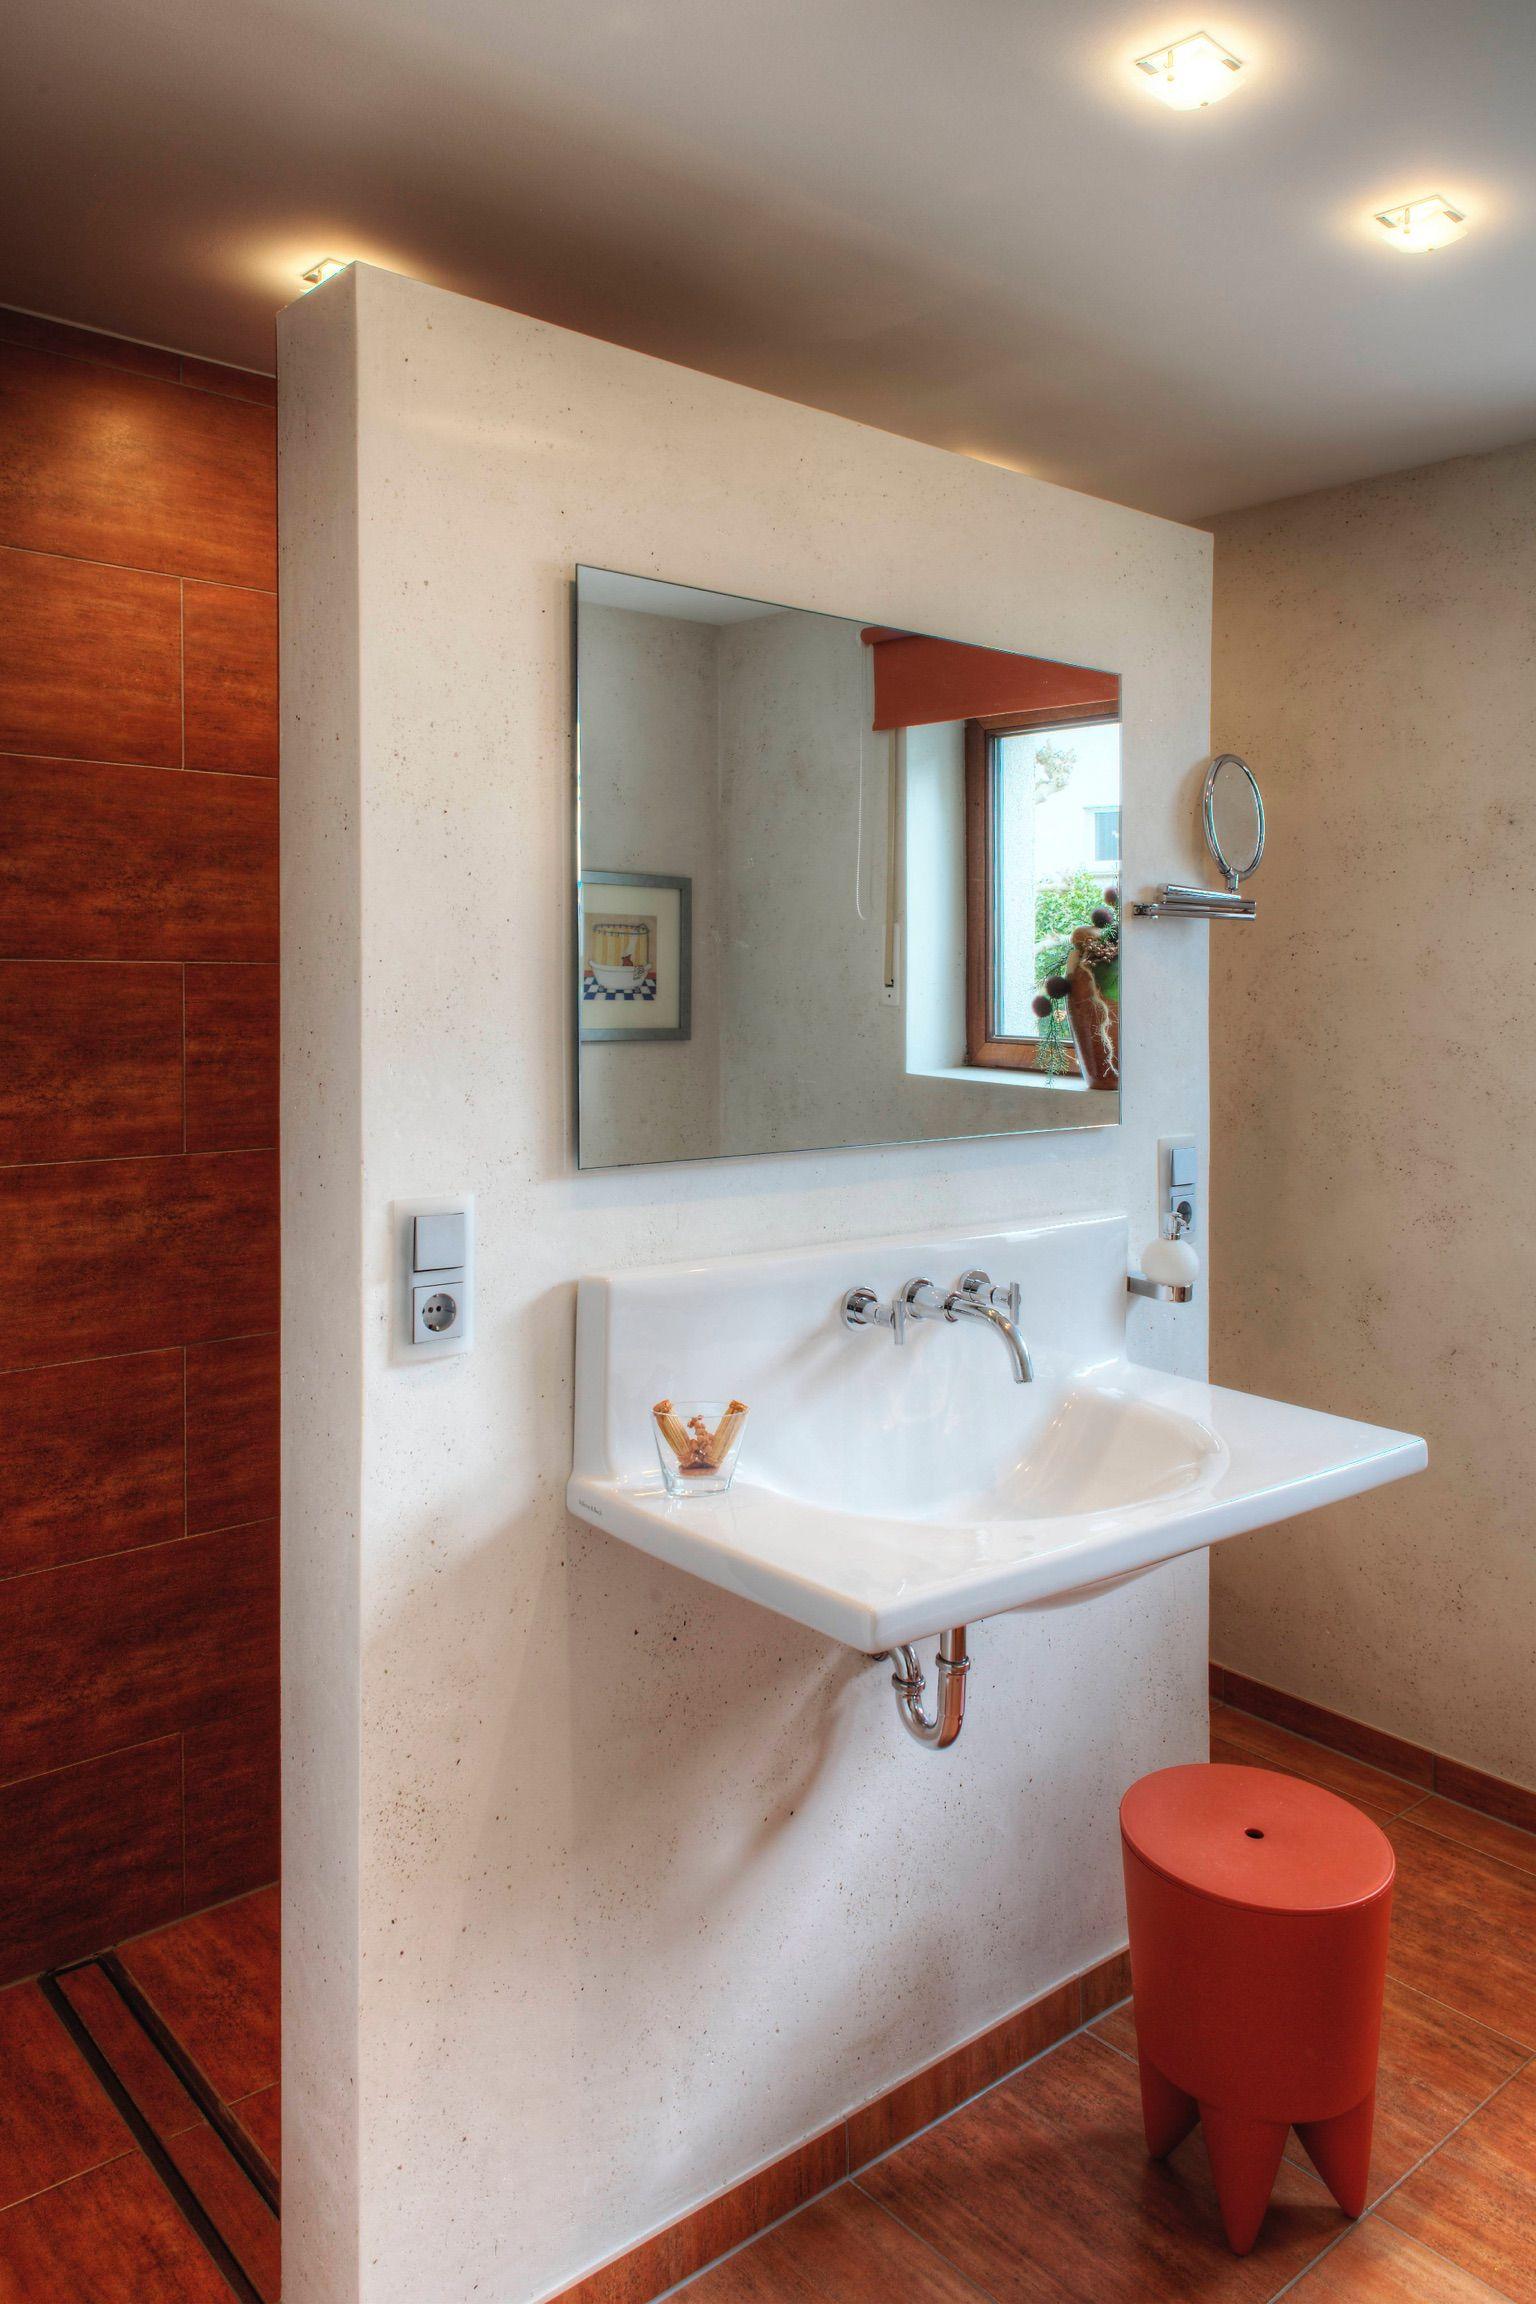 Badezimmer wandgestaltung mittels terra stone effektputz mit glimmer wohn t r ume - Badezimmer wandgestaltung ...